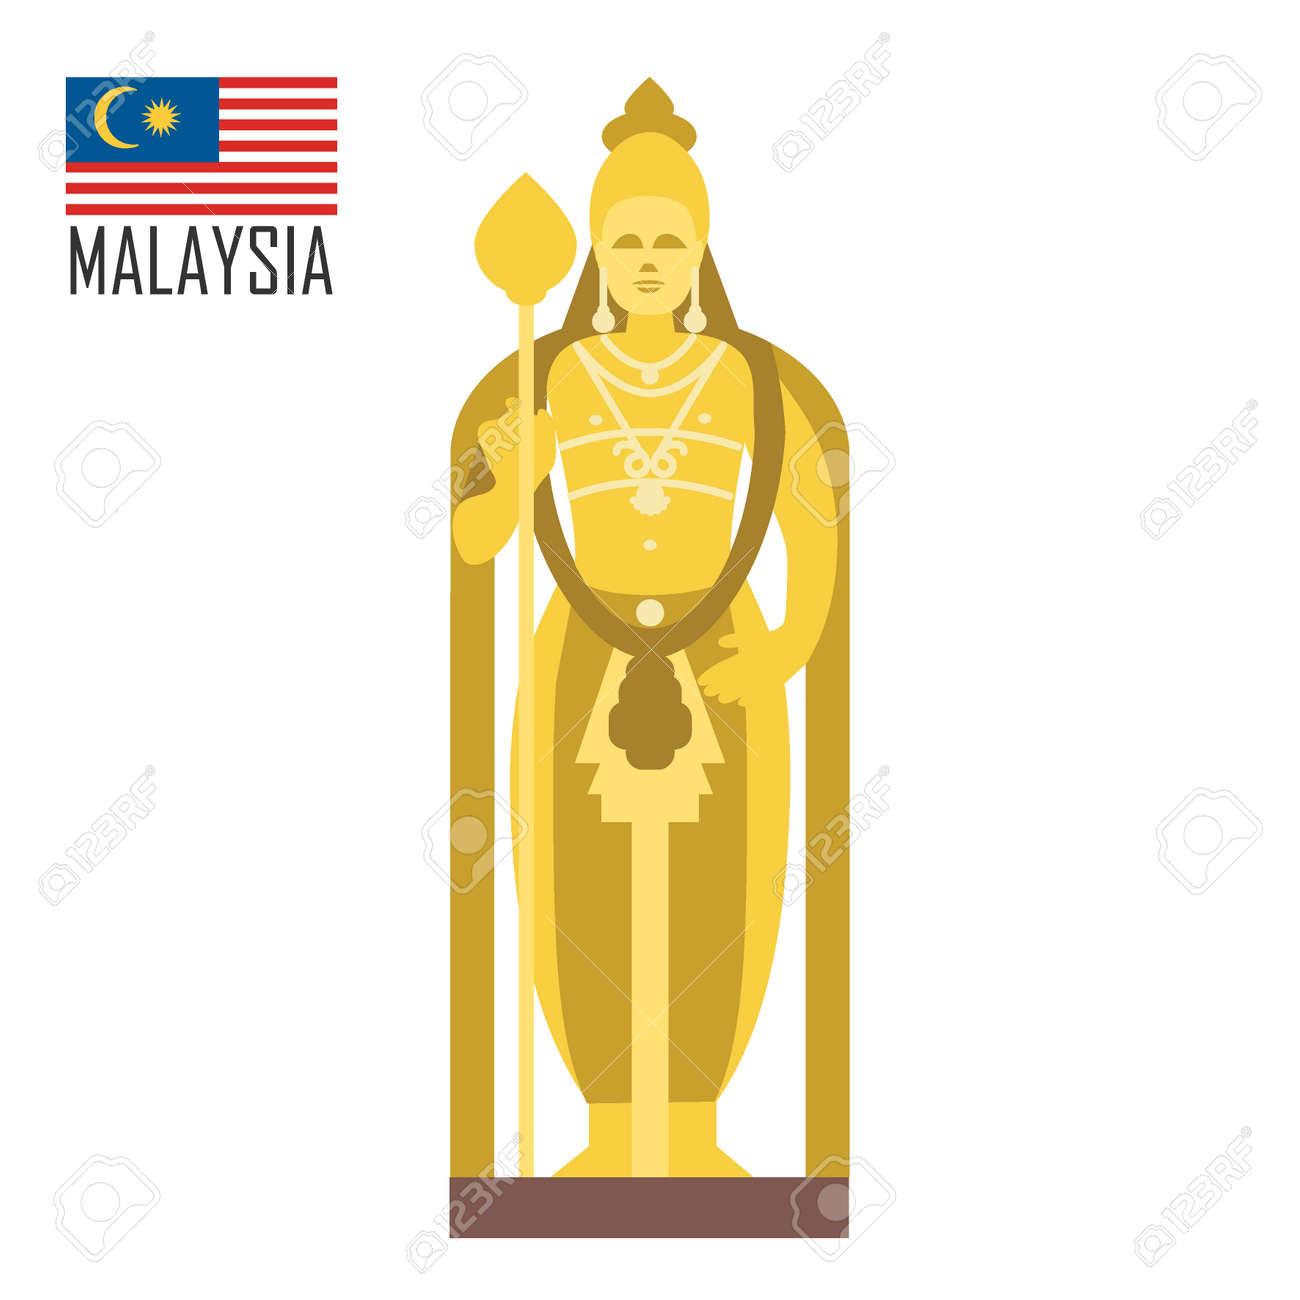 Buddha golden statue in Malaysia, Kuala Lumpur - 140068661